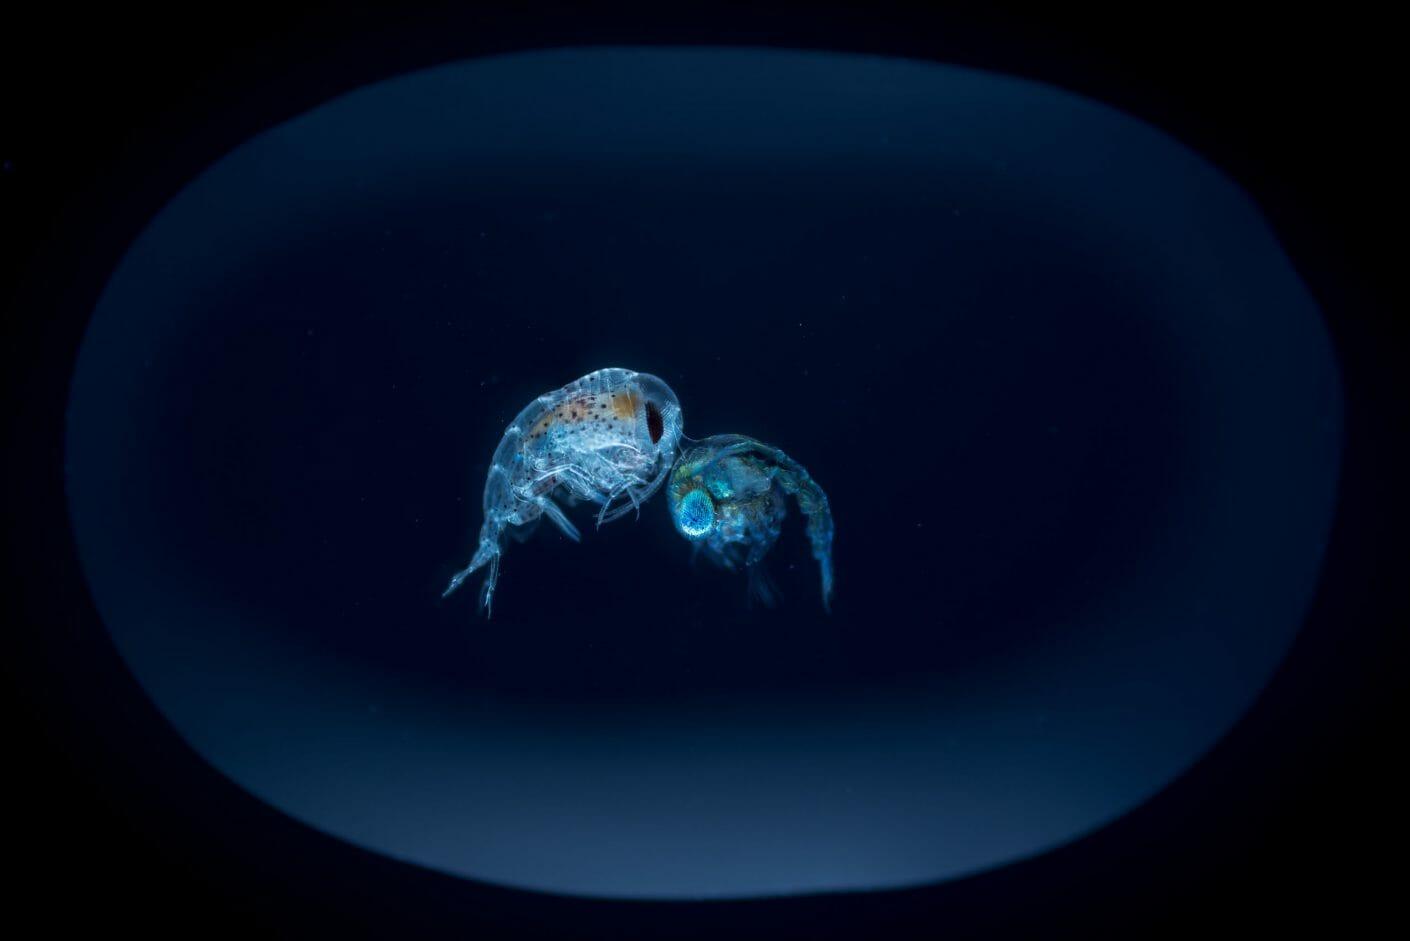 Deux planctons agrandis et vus par une lumière bleue